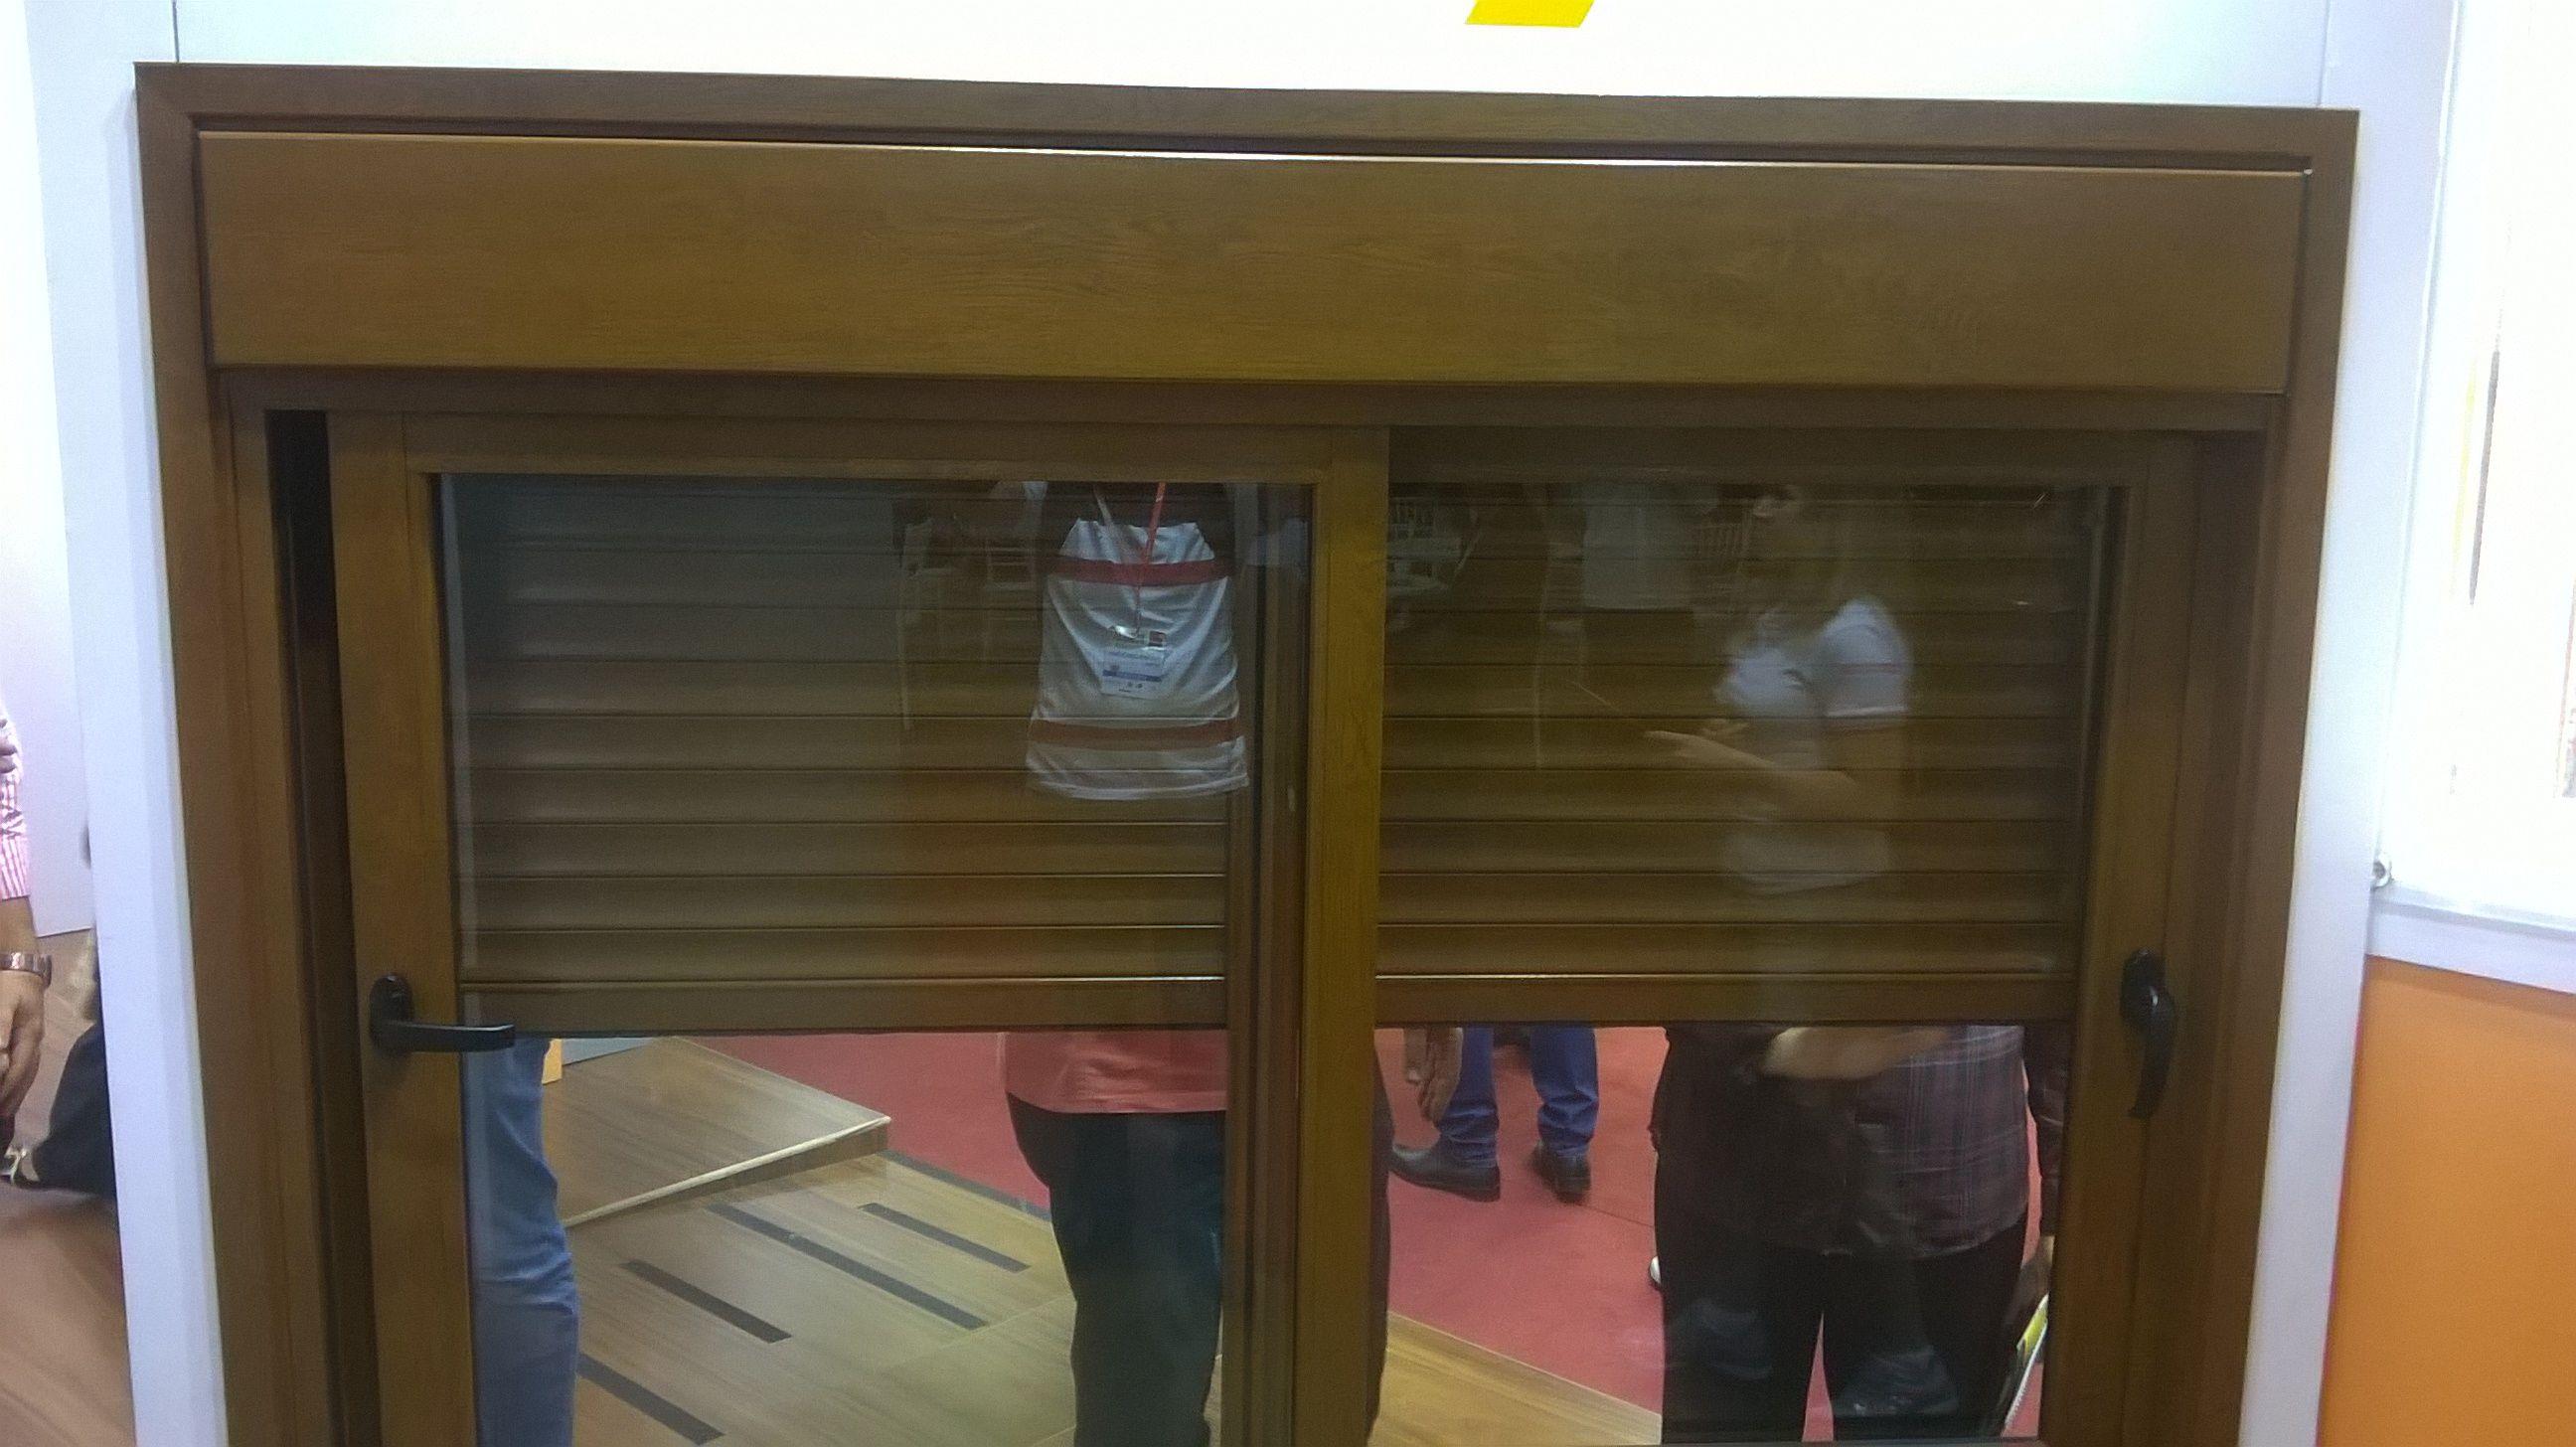 MODELO INTEGRADA VISTA INTERIOR  #feira #integrada #marrom #2folhas #vidro #alumínio